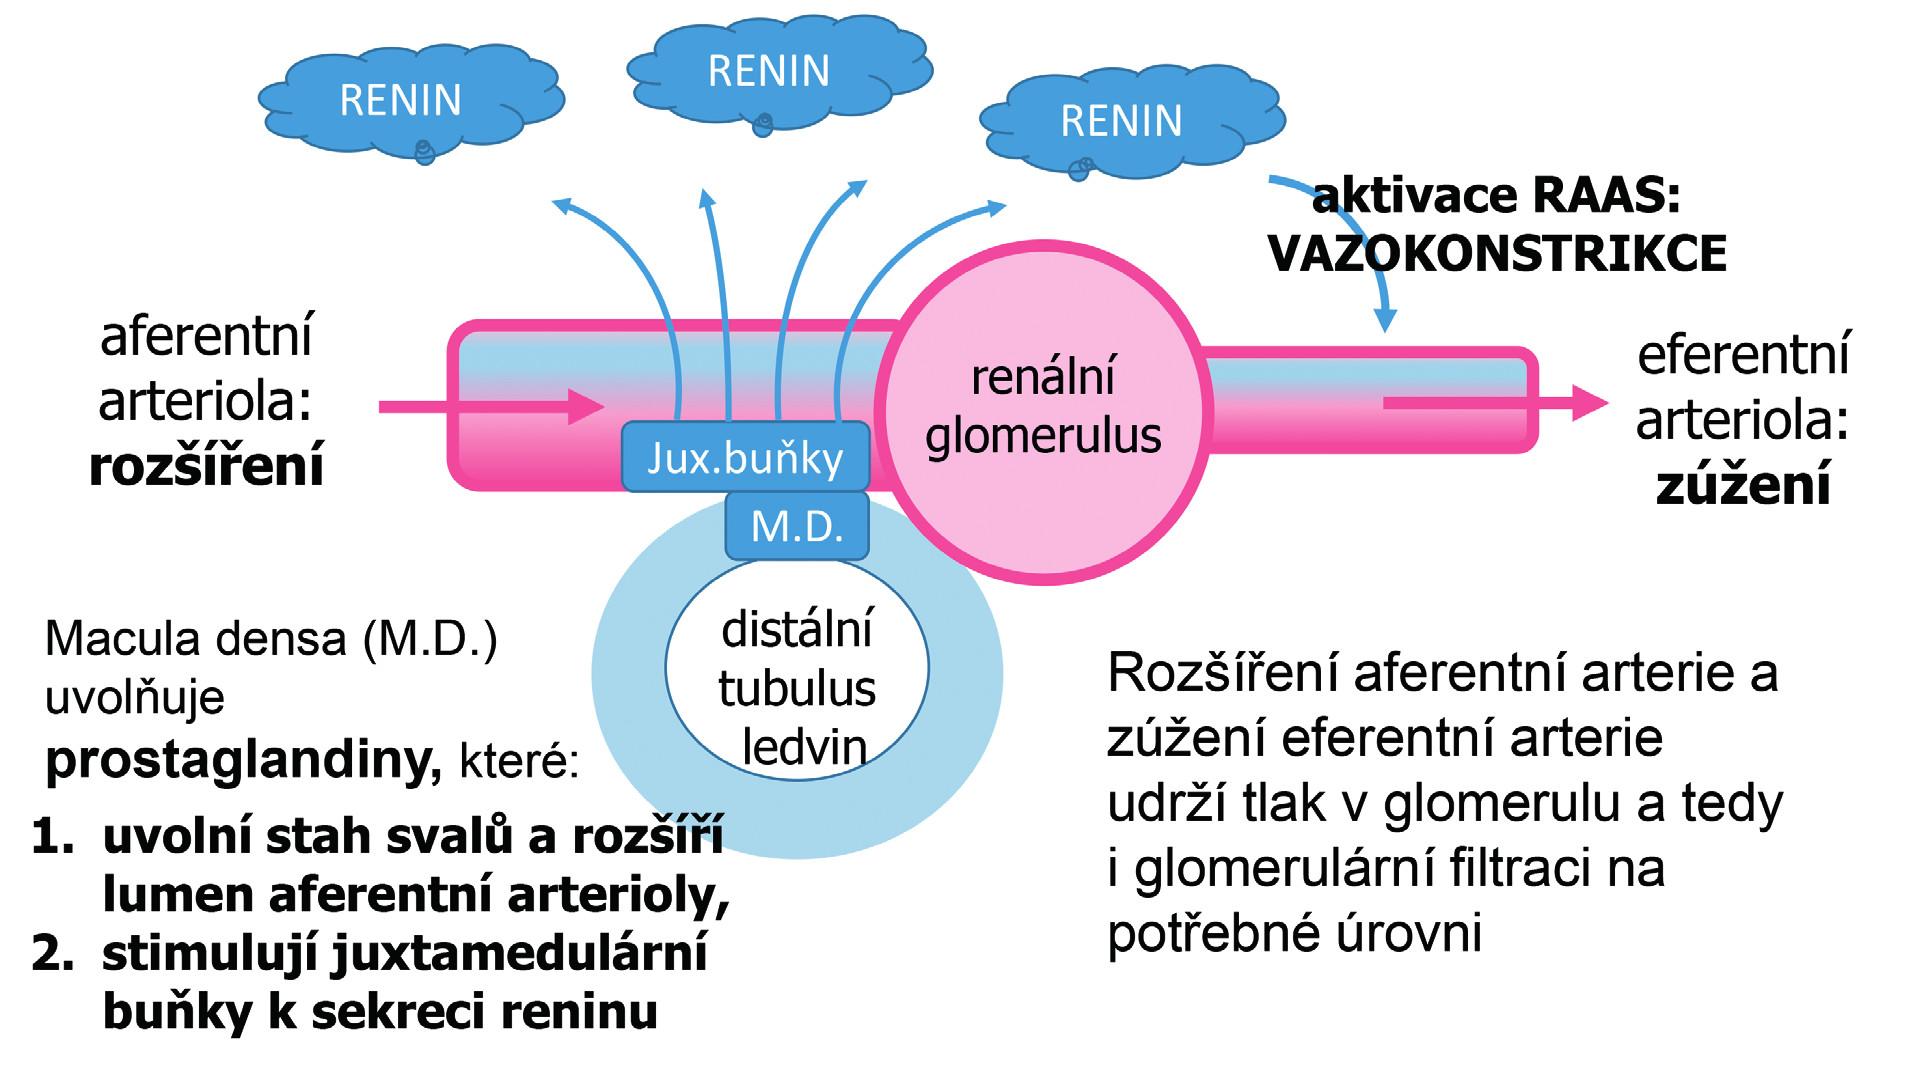 Reakce organismu na snížení glomerulární filtrace, např. při snížení objemu tělesných tekutin vyvolaném diuretickou léčbou